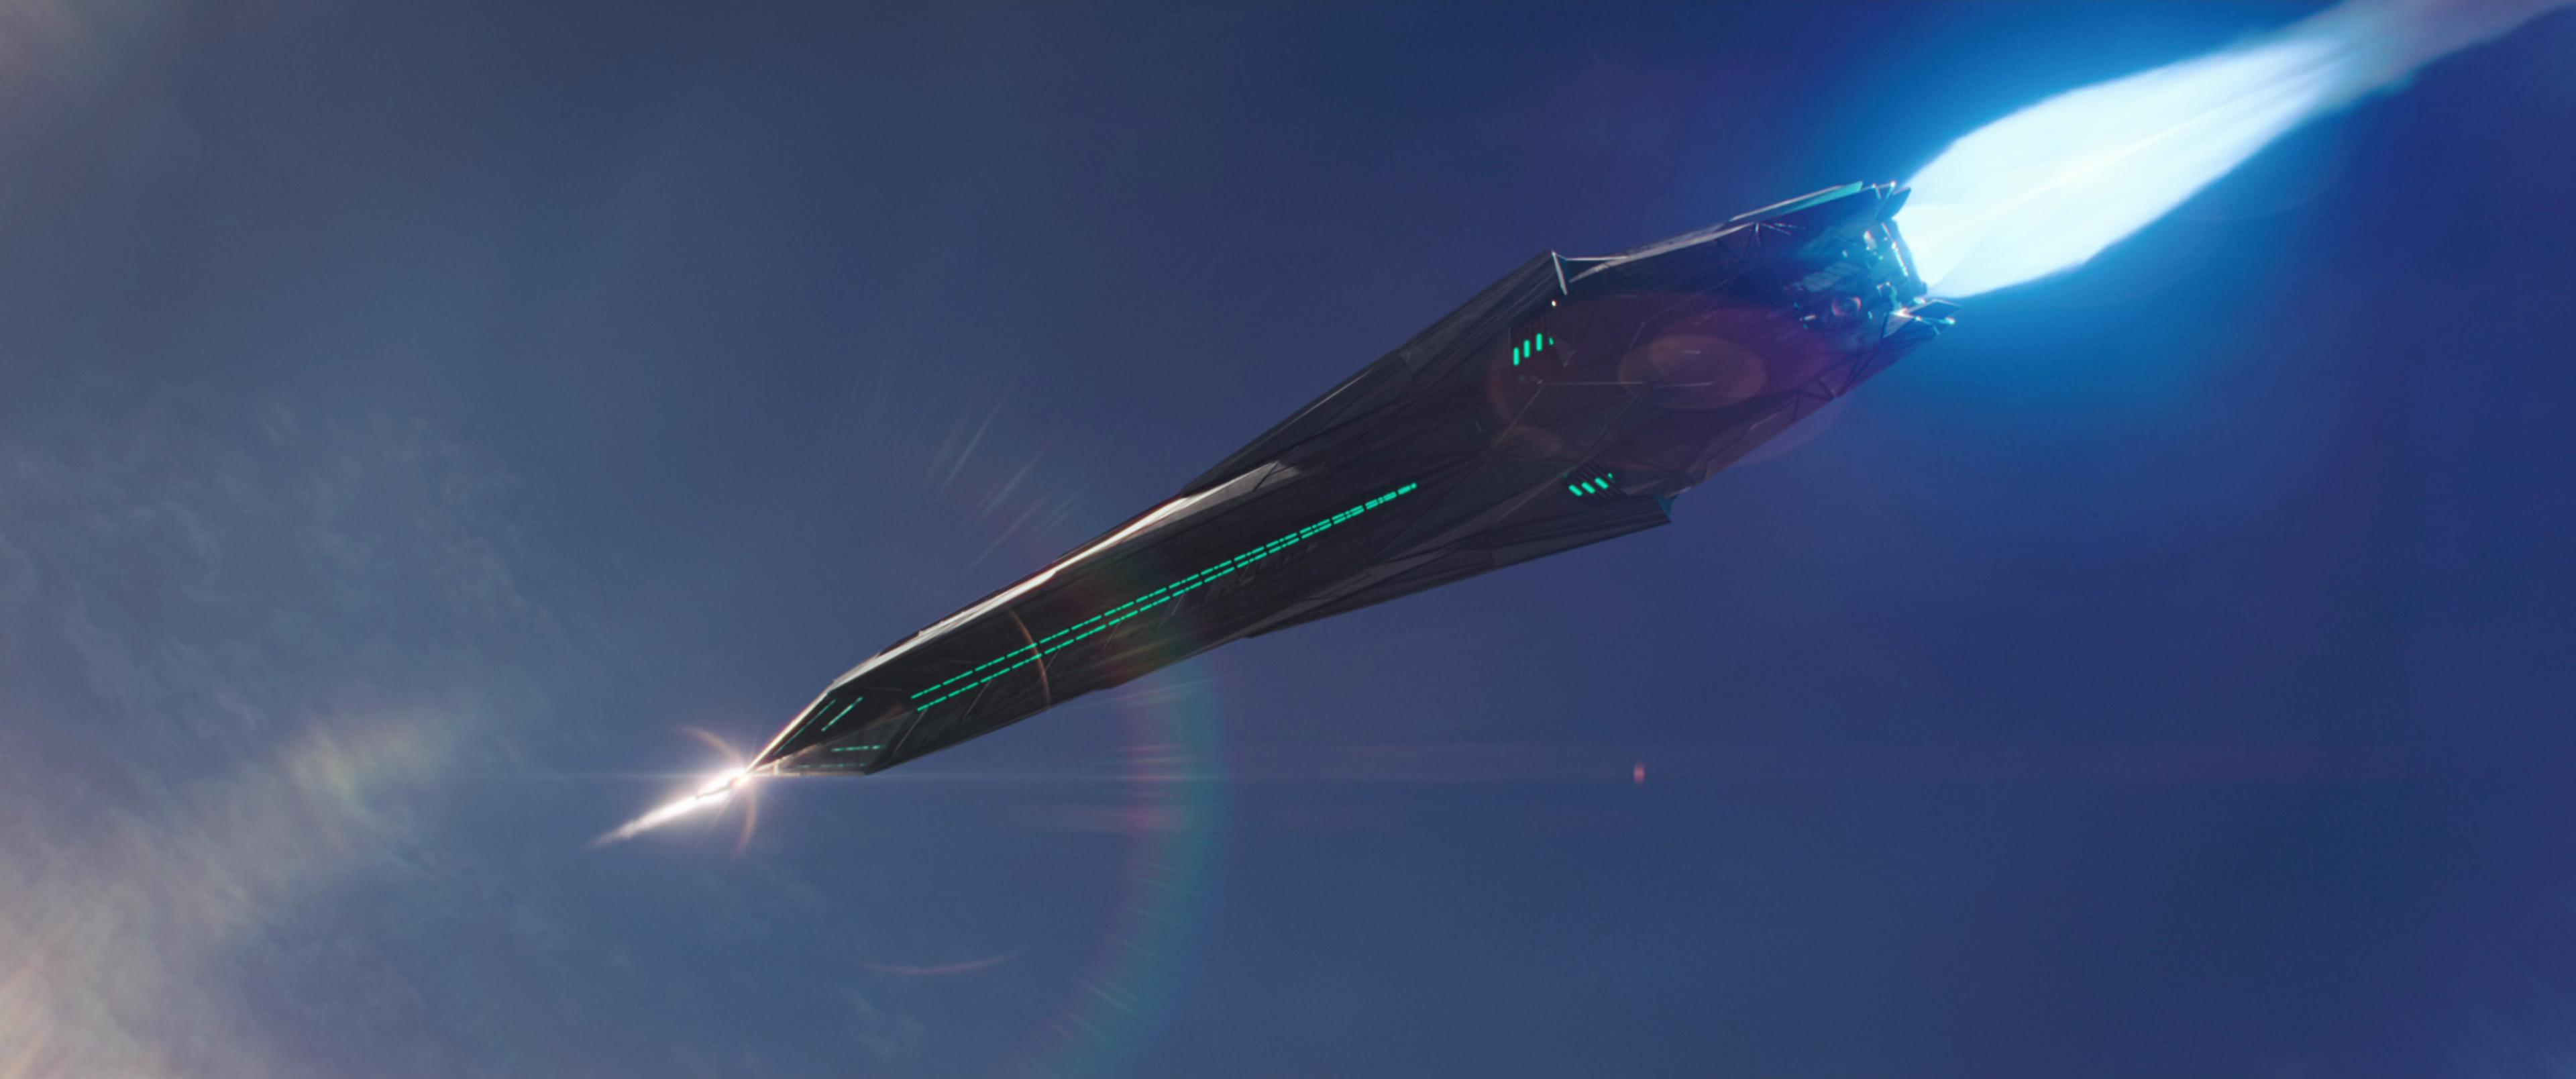 Kree Ballistic Missiles